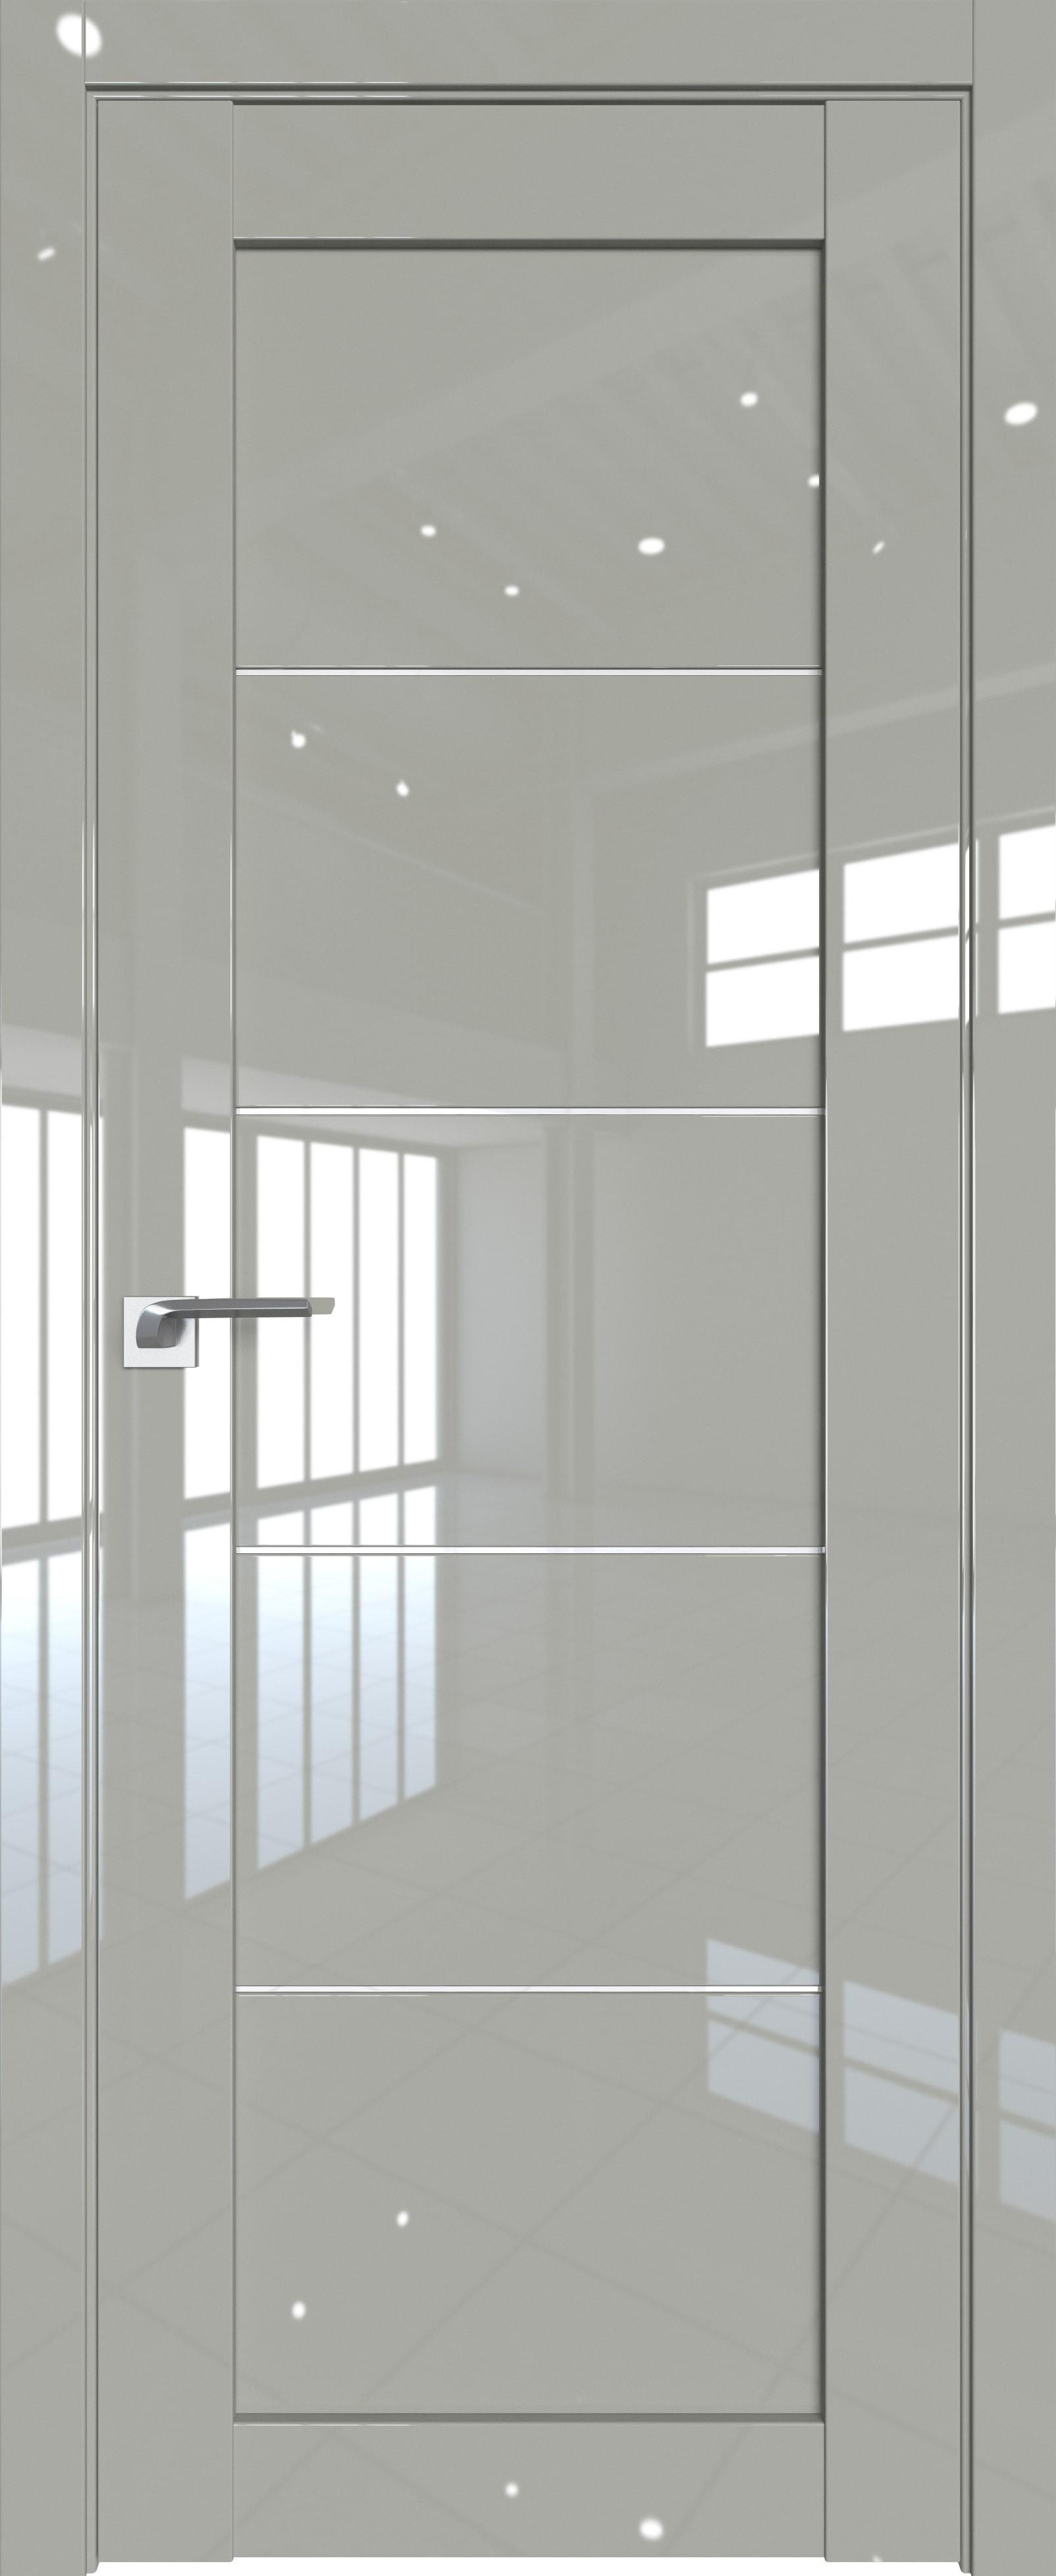 Цвет: Галька люкс, Остекление: Триплекс белый